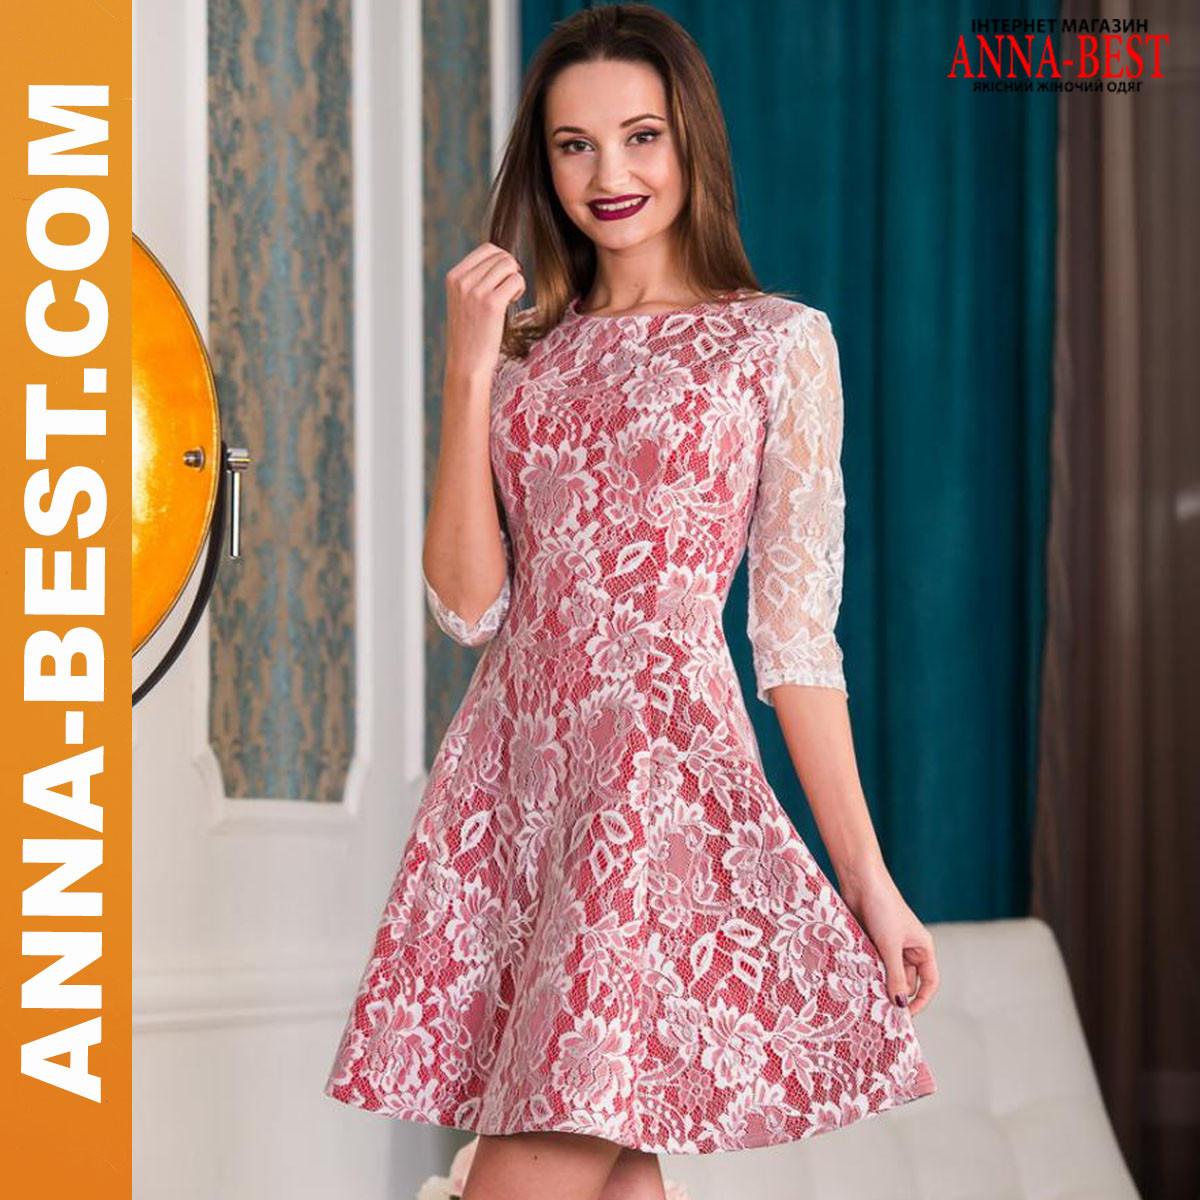 Моднaя одеждa 2012 для полных девушек - ius33 ru